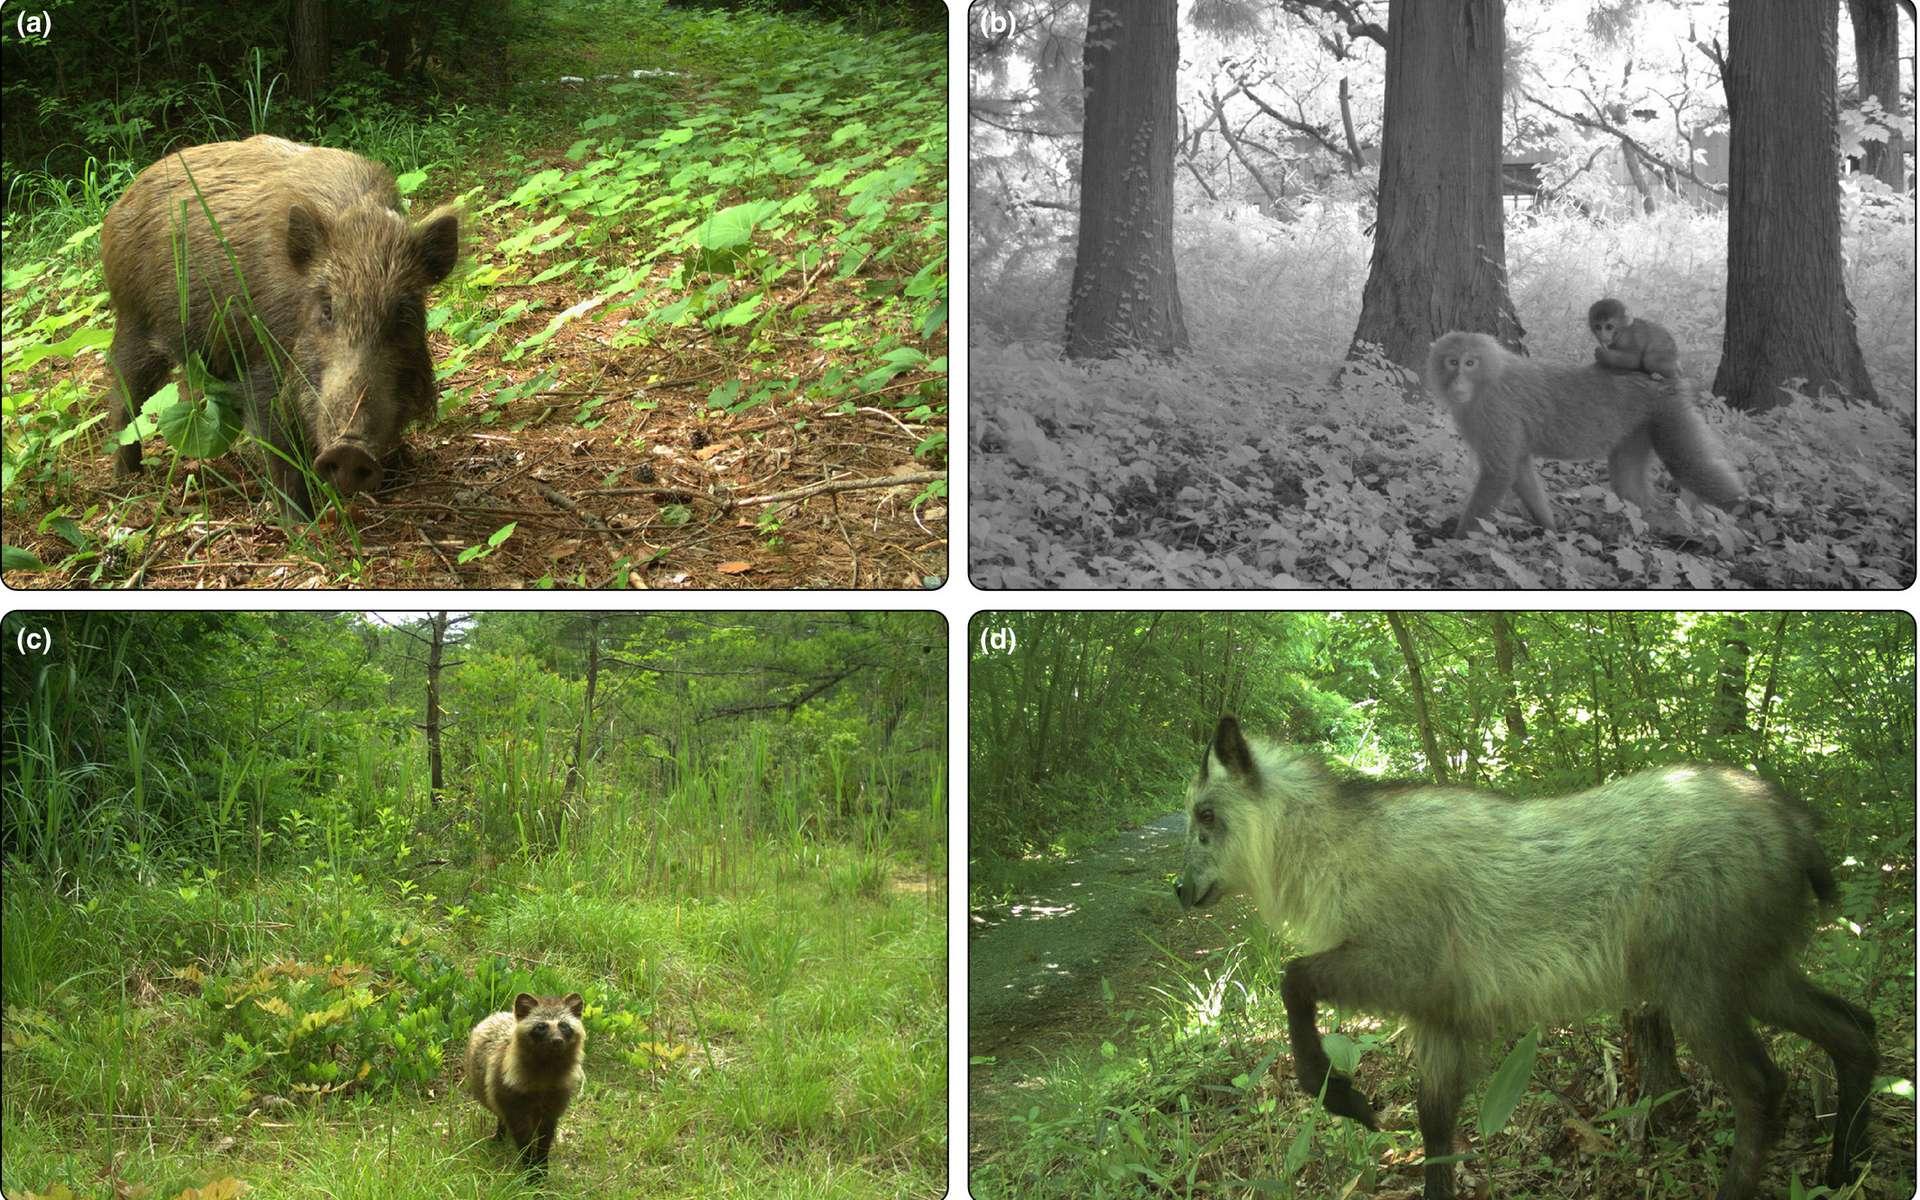 Les images des caméras montrent la présence d'une faune sauvage abondante et diversifiée dans les zones désertées après la catastrophe de Fukushima. © Front Ecol Environ, 2020